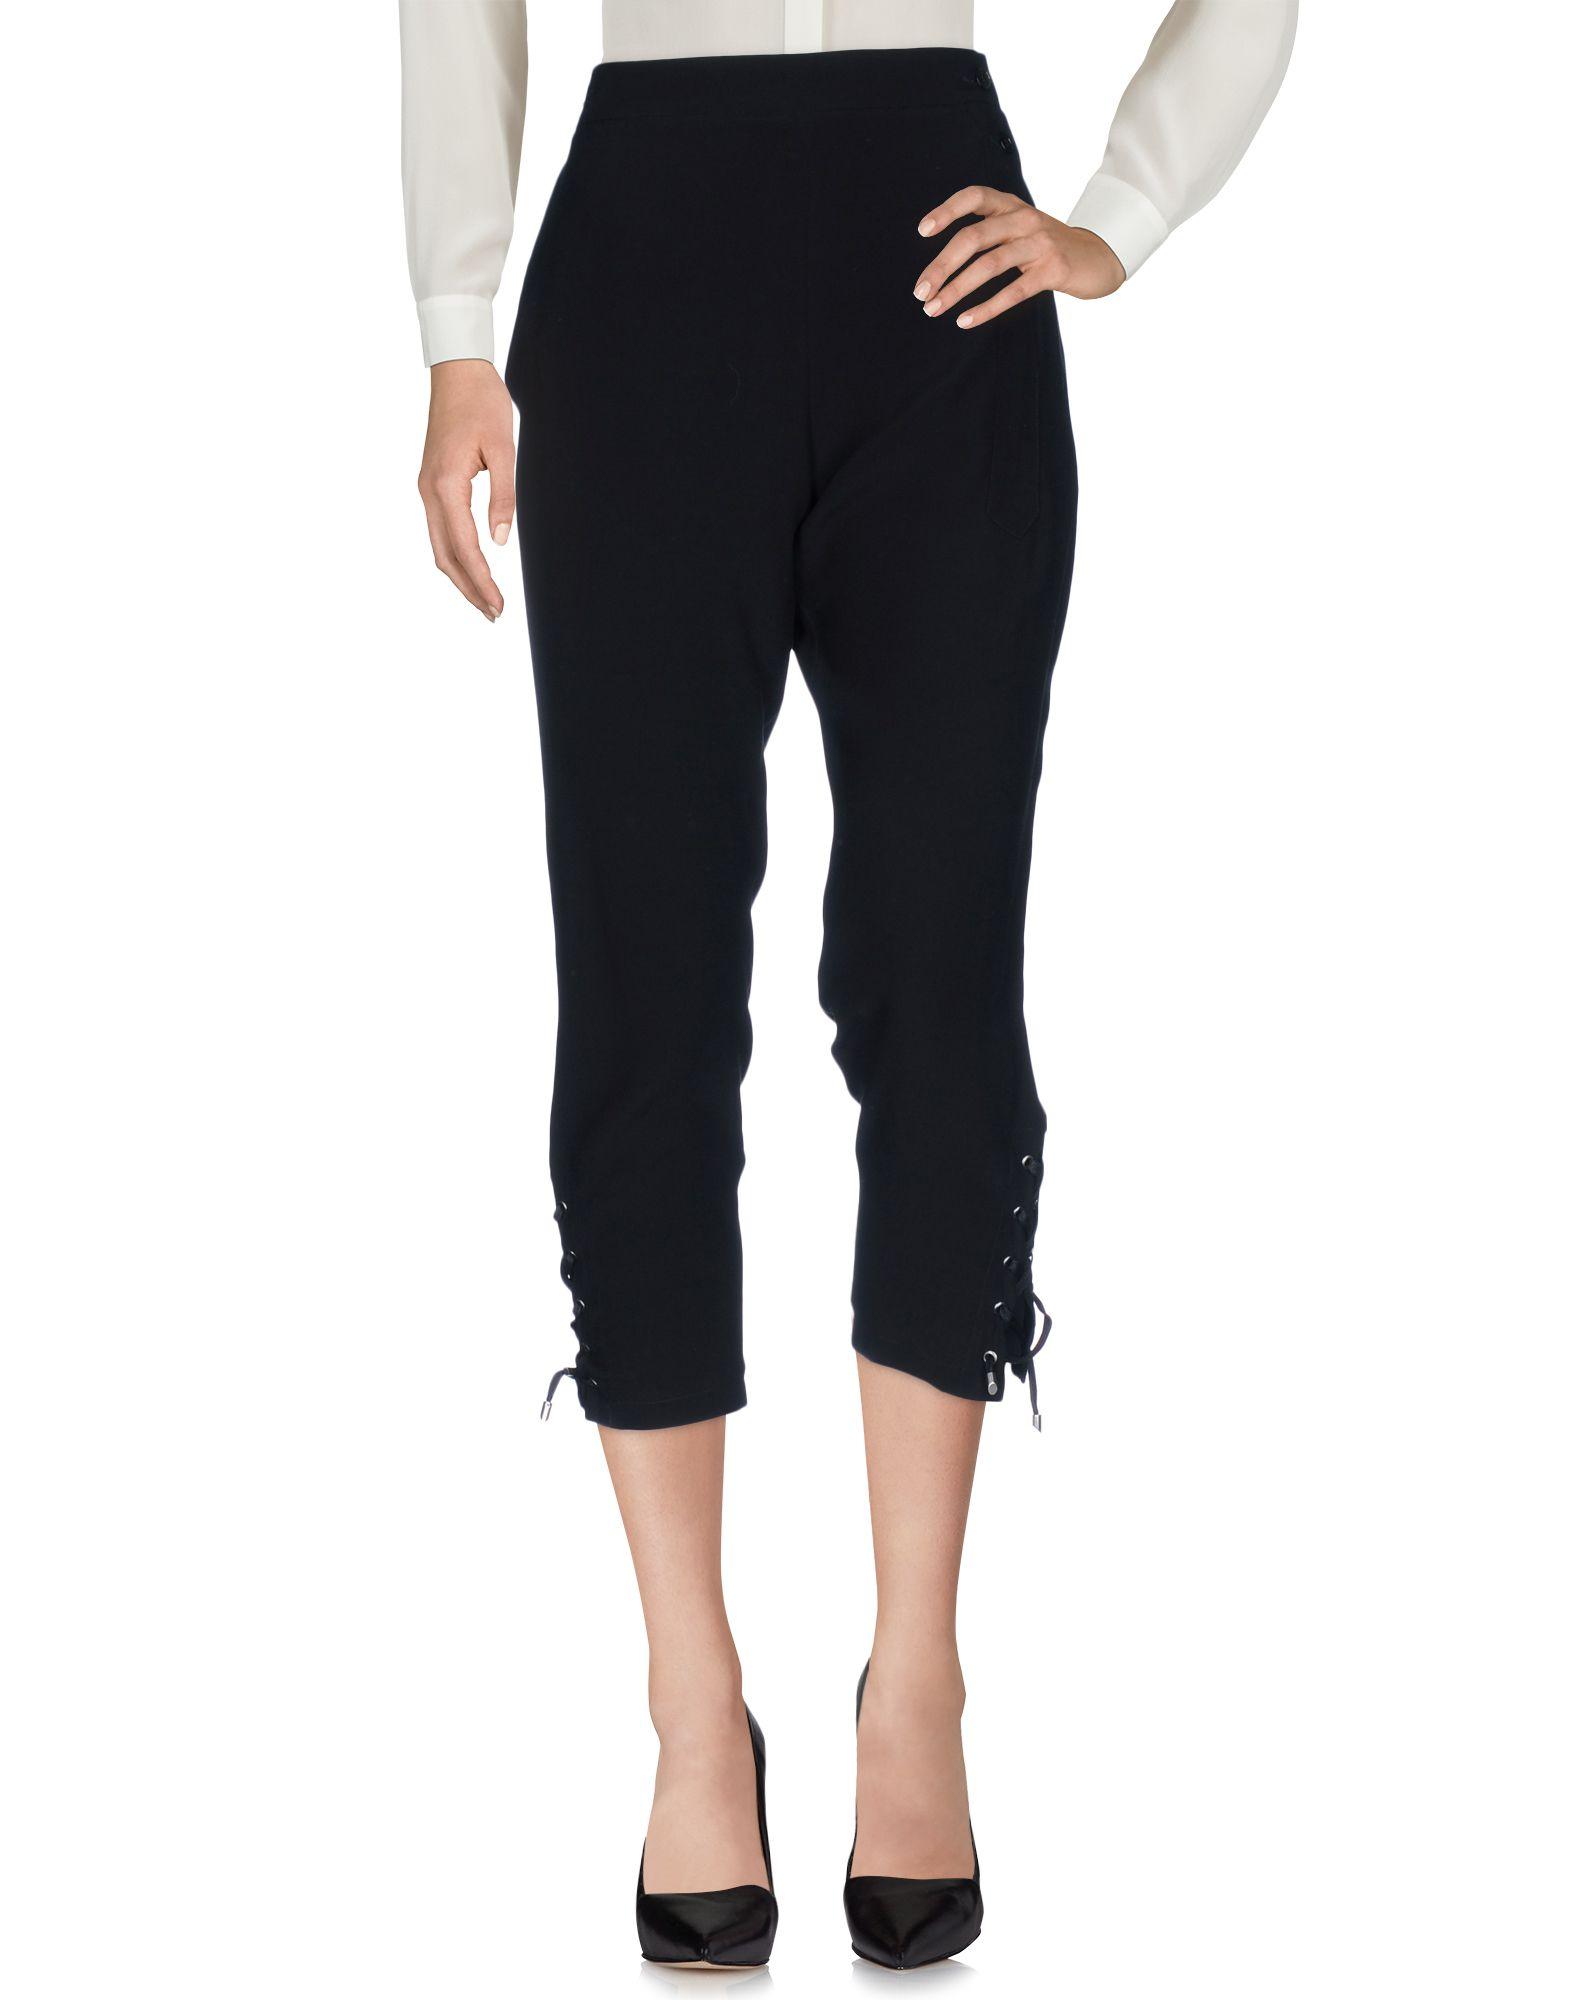 цены на VANESSA BRUNO ATHE' Повседневные брюки в интернет-магазинах